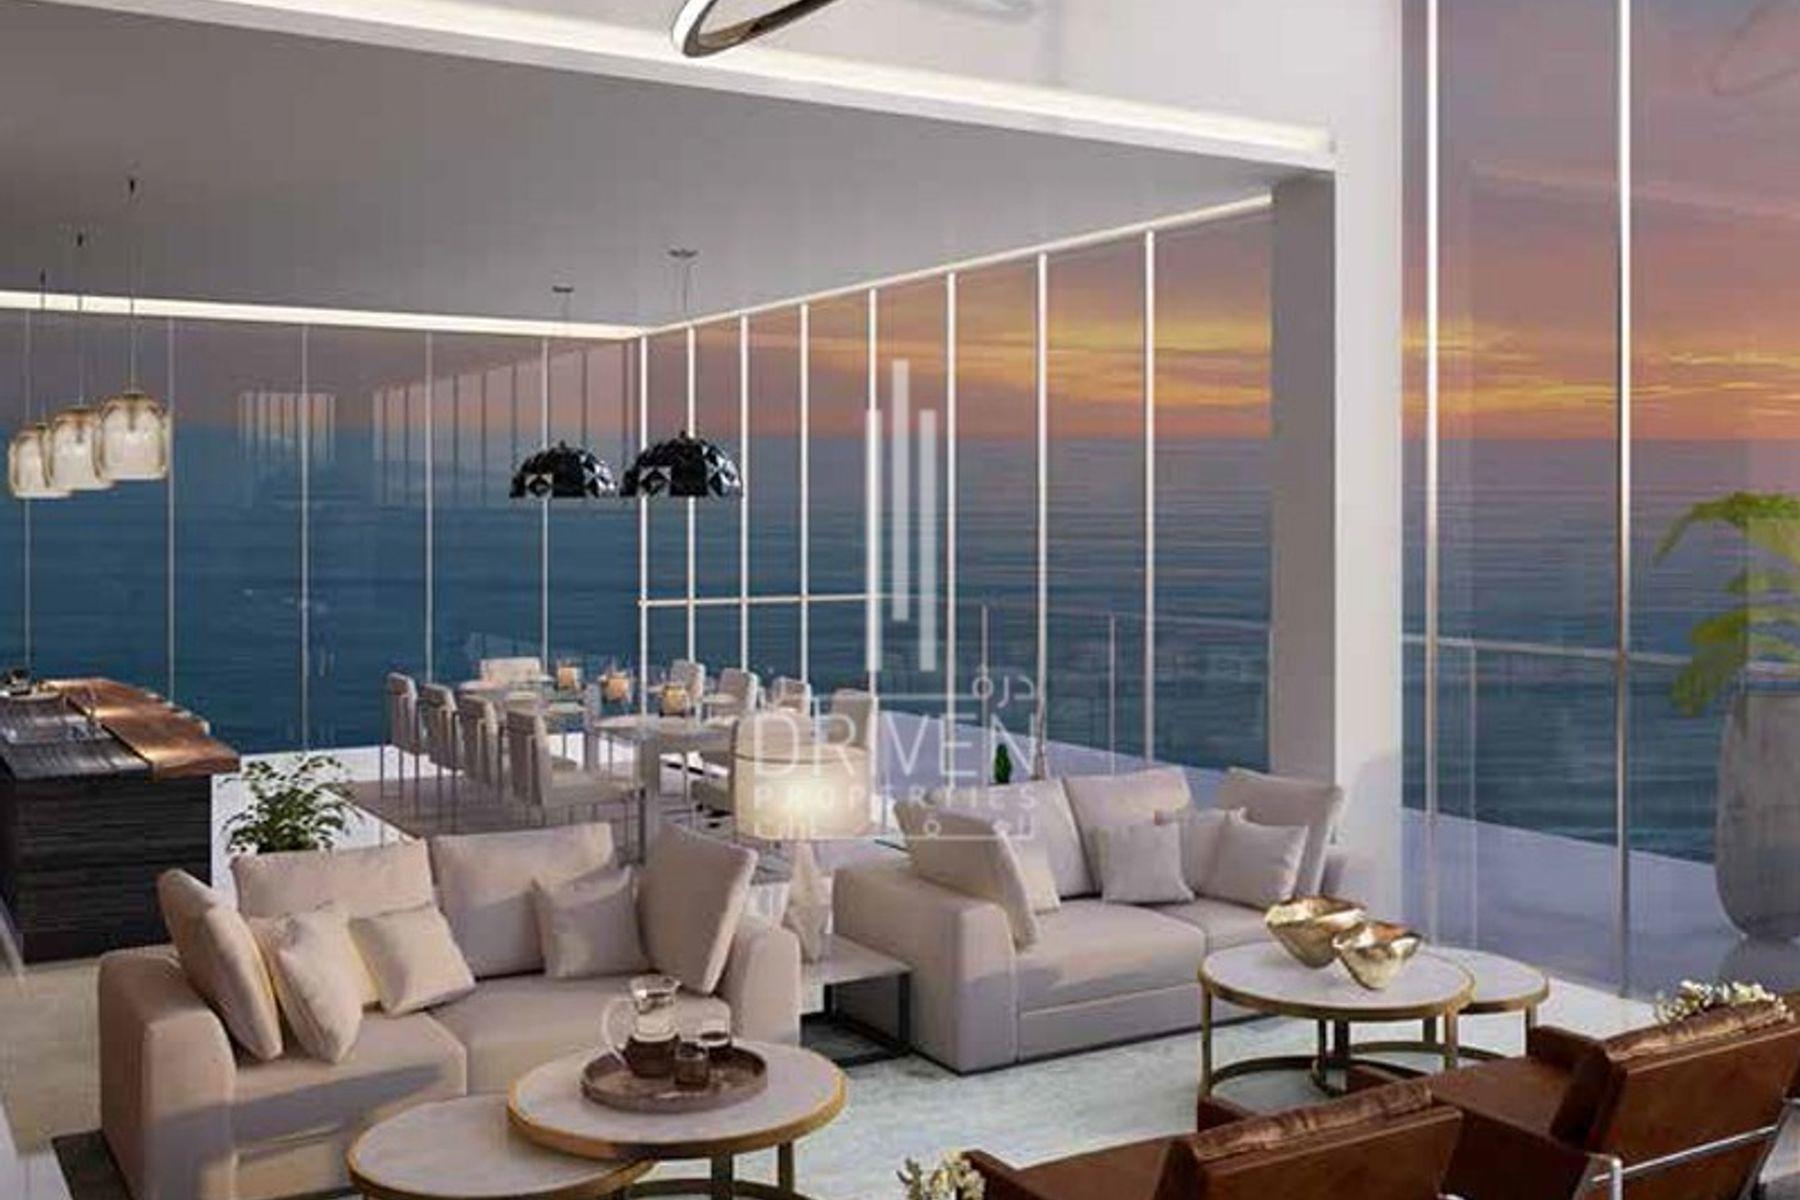 3,776 قدم مربع  شقة - للبيع - مساكن شاطئ الجميرا